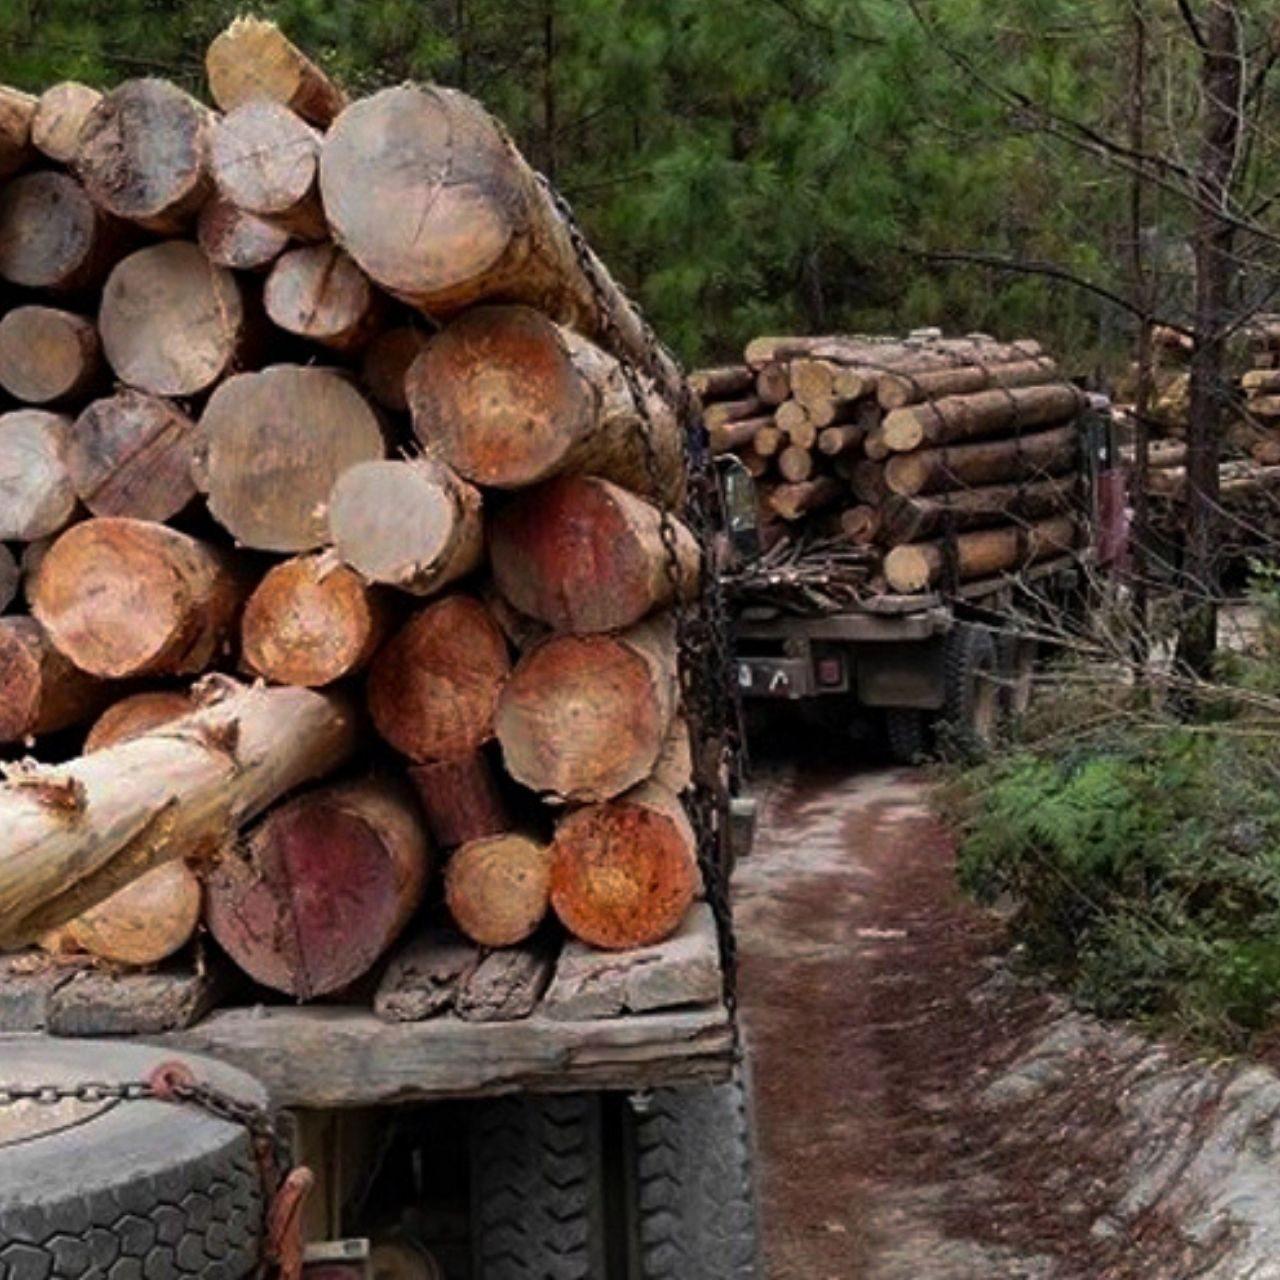 Comunidades hondureñas cierran filas por quema y tala descontrolada de bosques